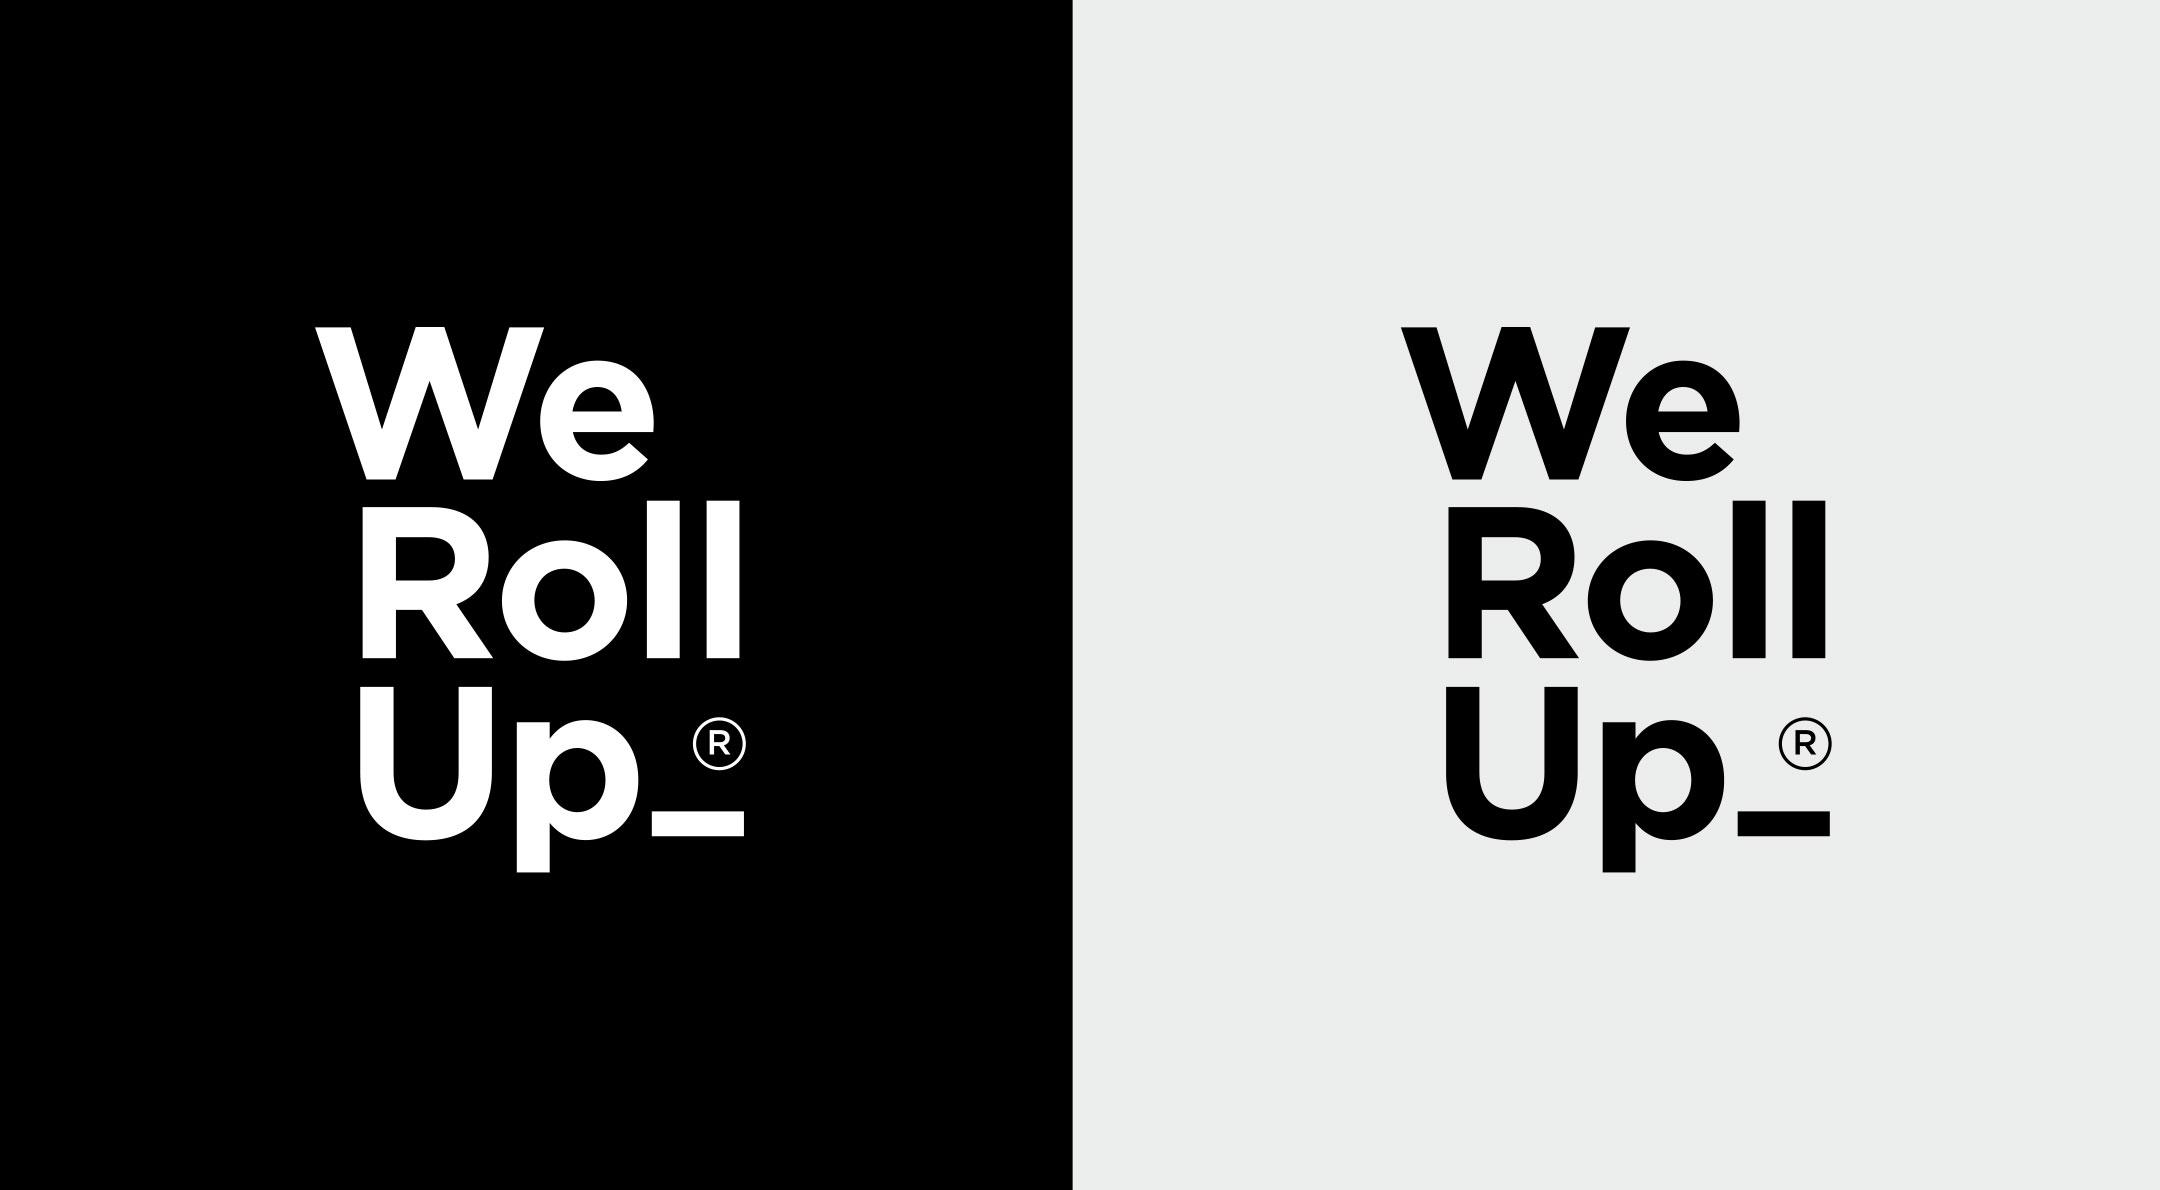 LudbrookAgency_WeRollUp-Branding_08